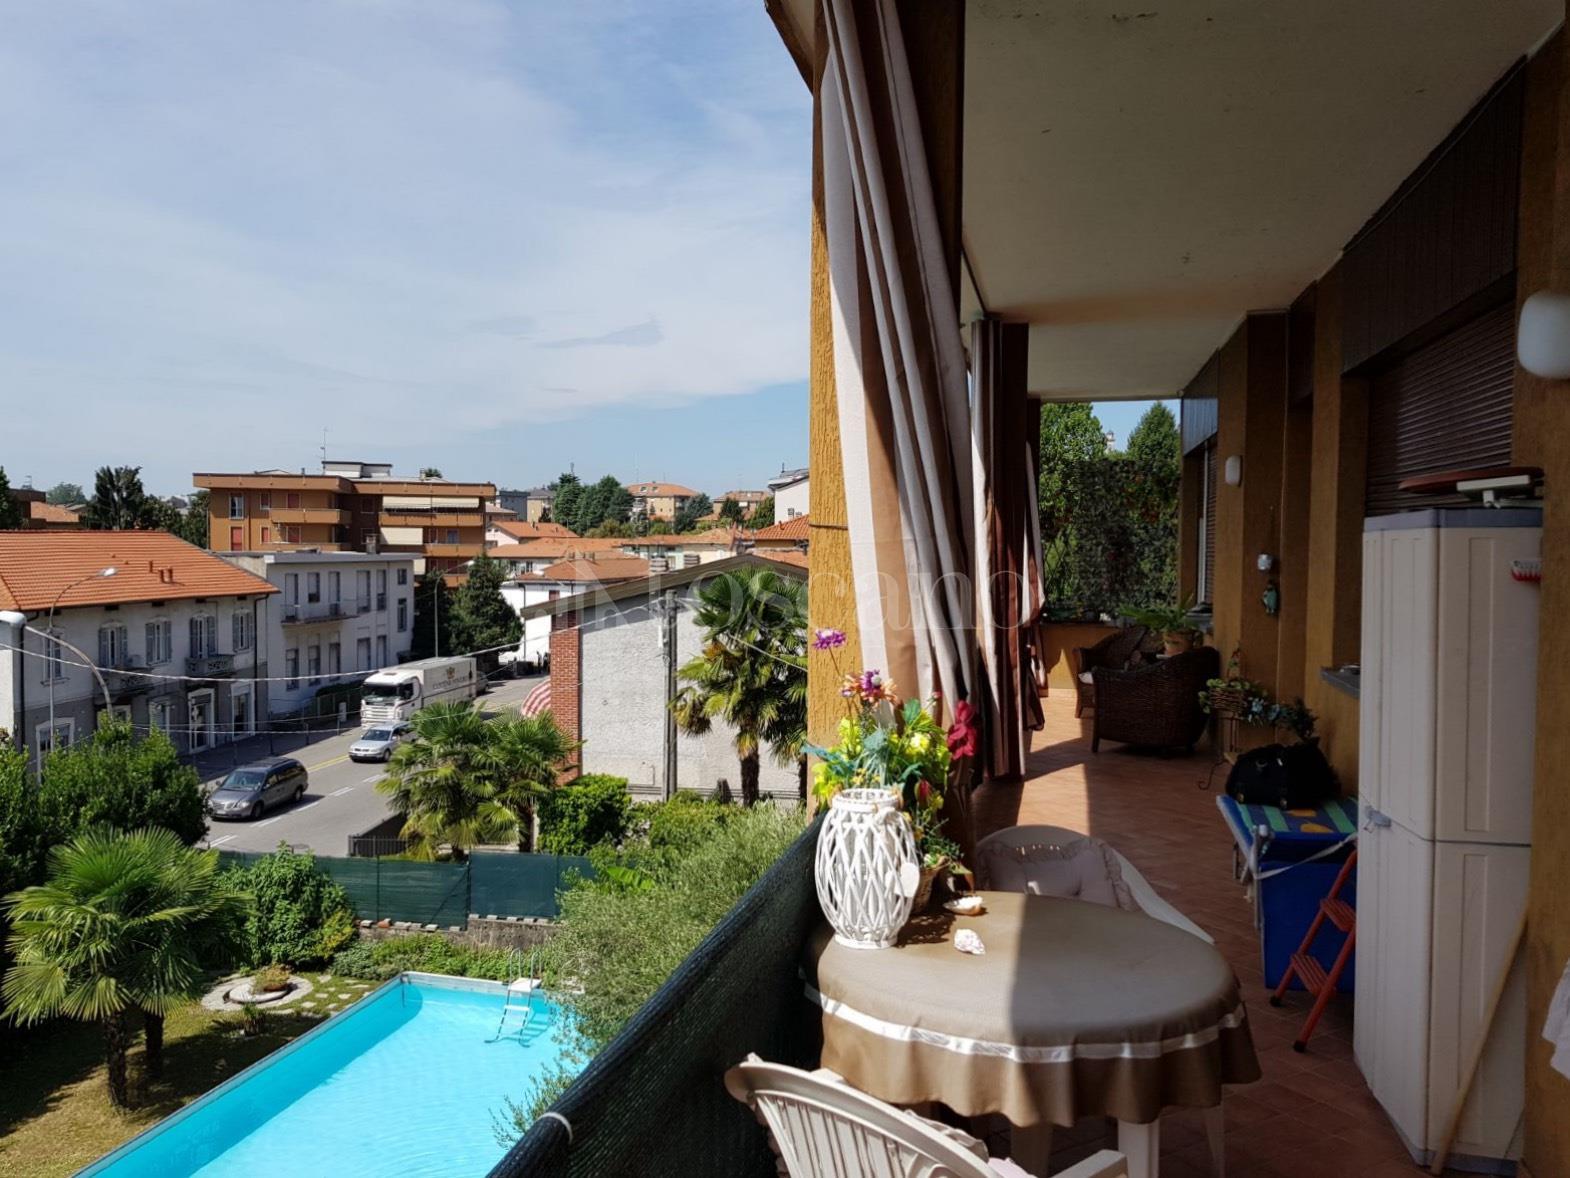 Vendita casa a como in via varesina trecallo 74 2017 for Toscano immobiliare como